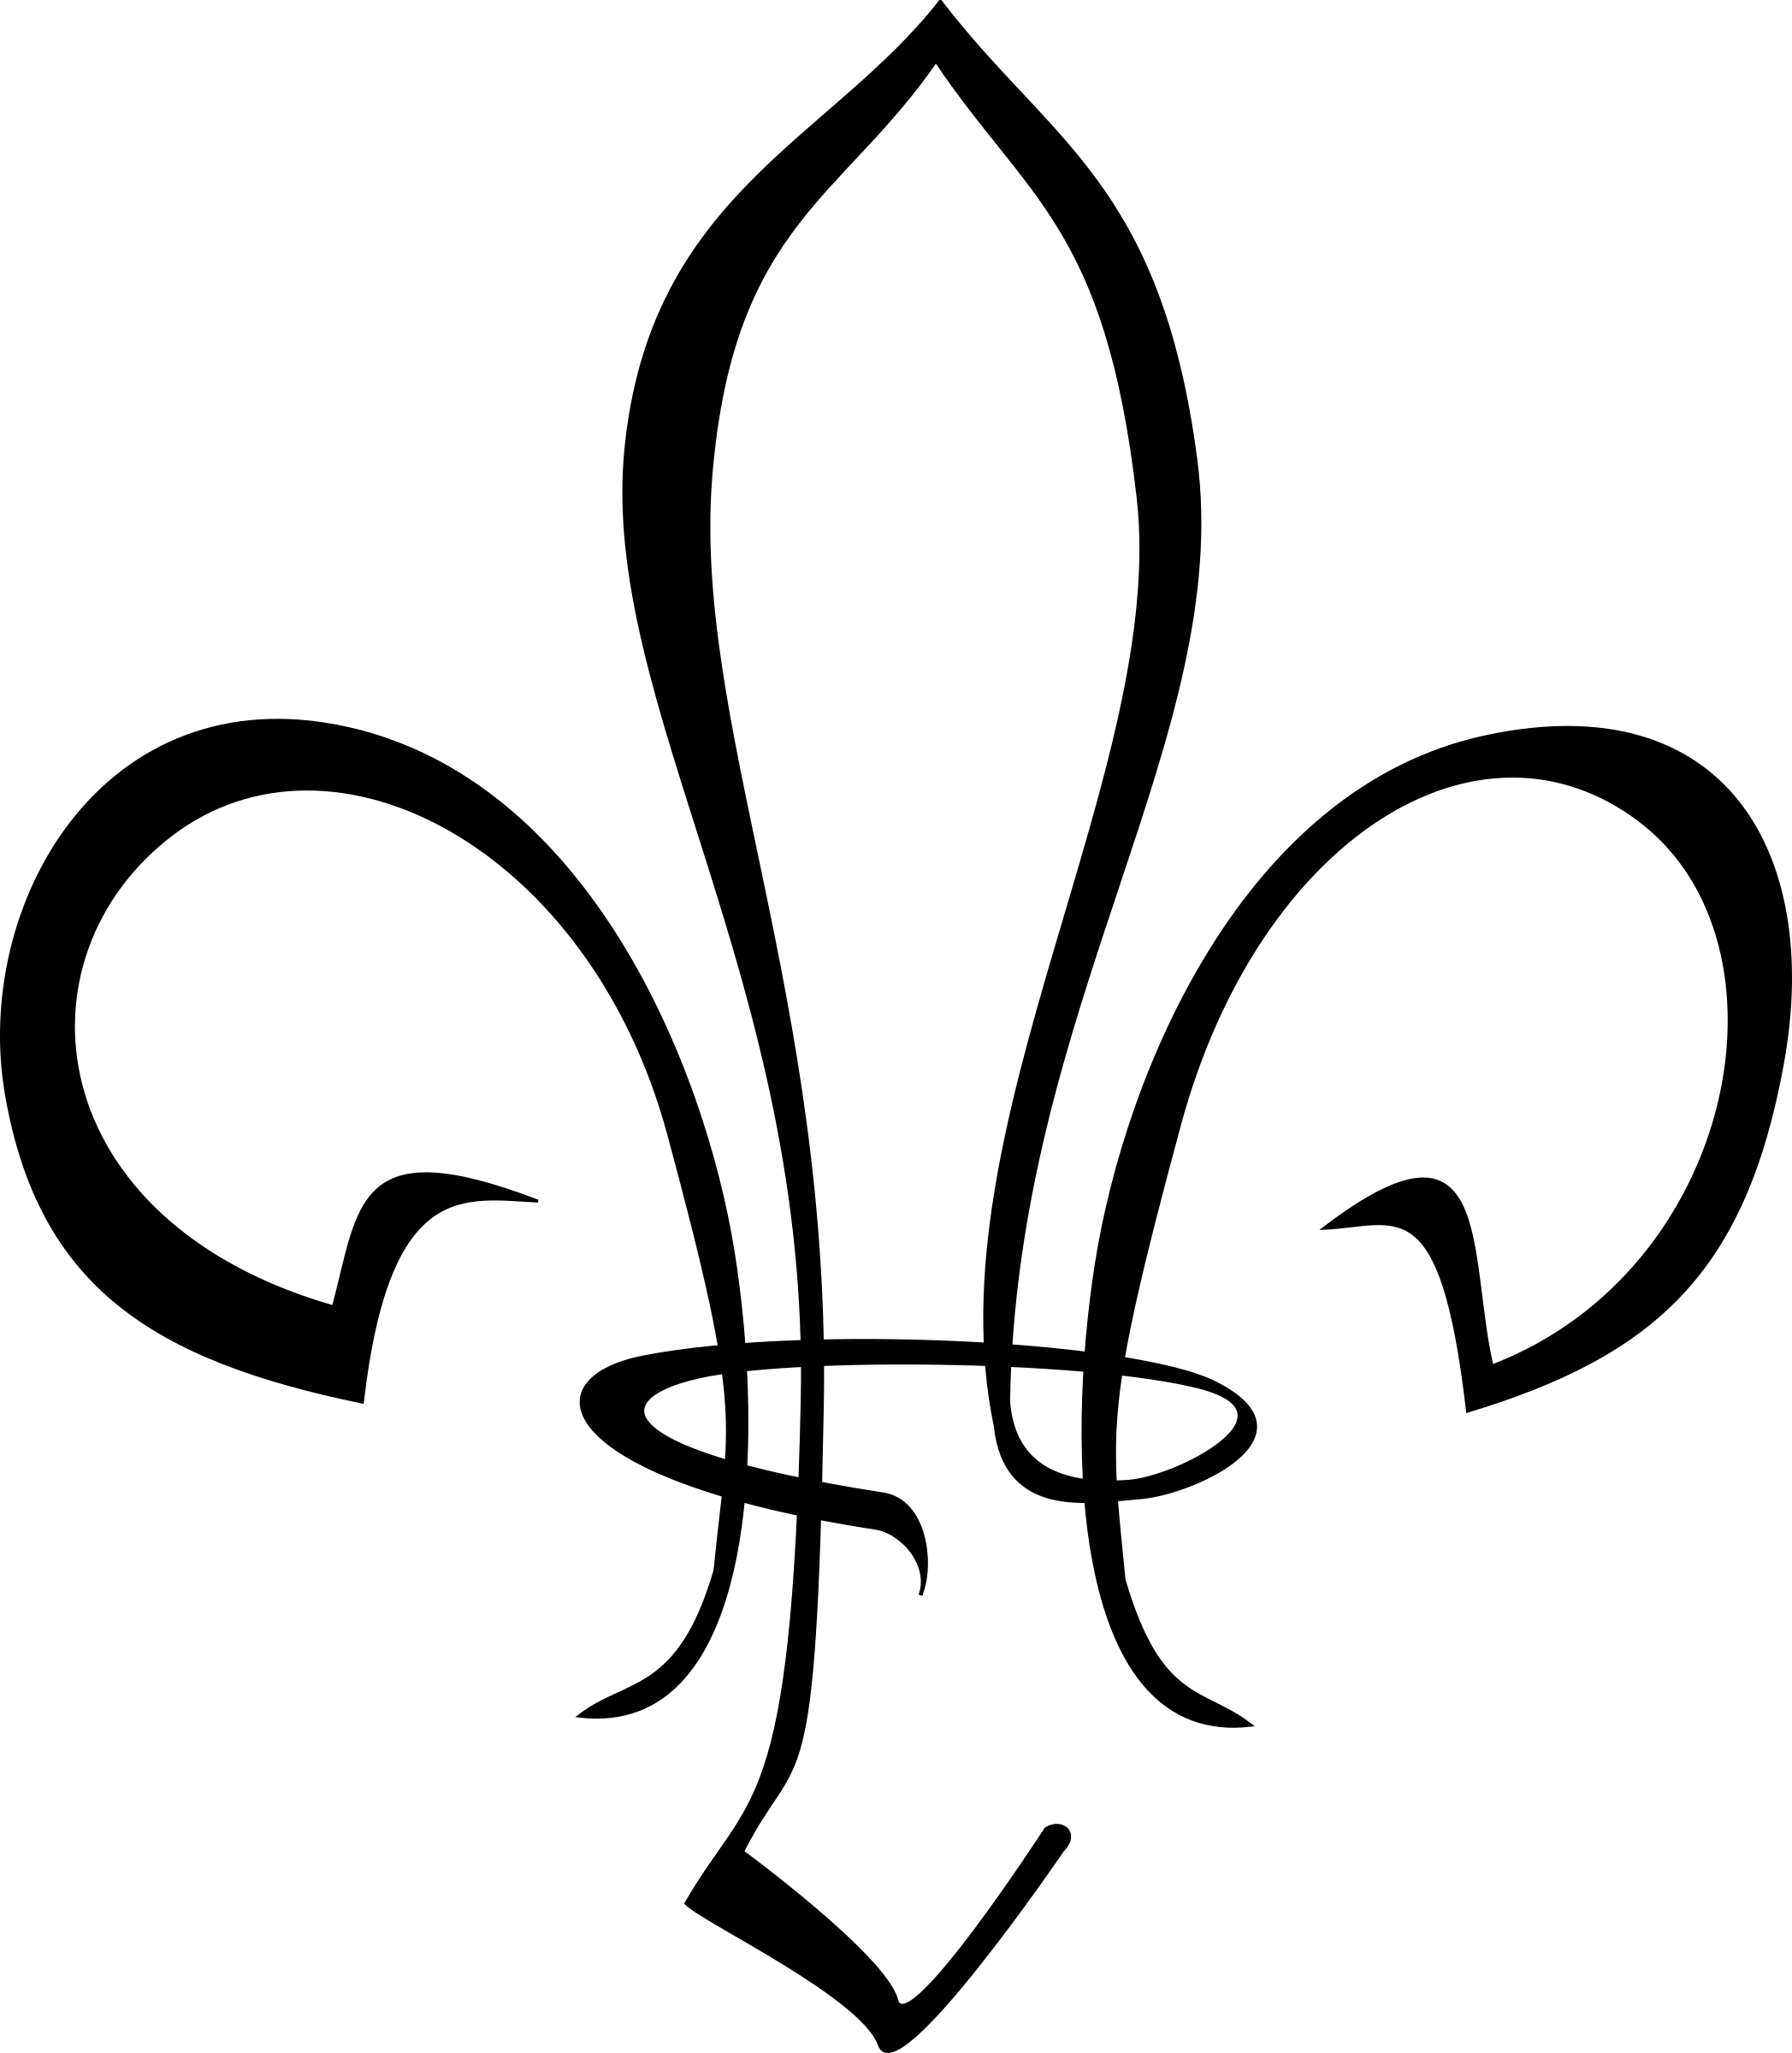 Black clipart french court fleur de le jpg freeuse download stylized fleur-de-lis by @kapn, I needed a stylized Scout sign/fleur ... jpg freeuse download